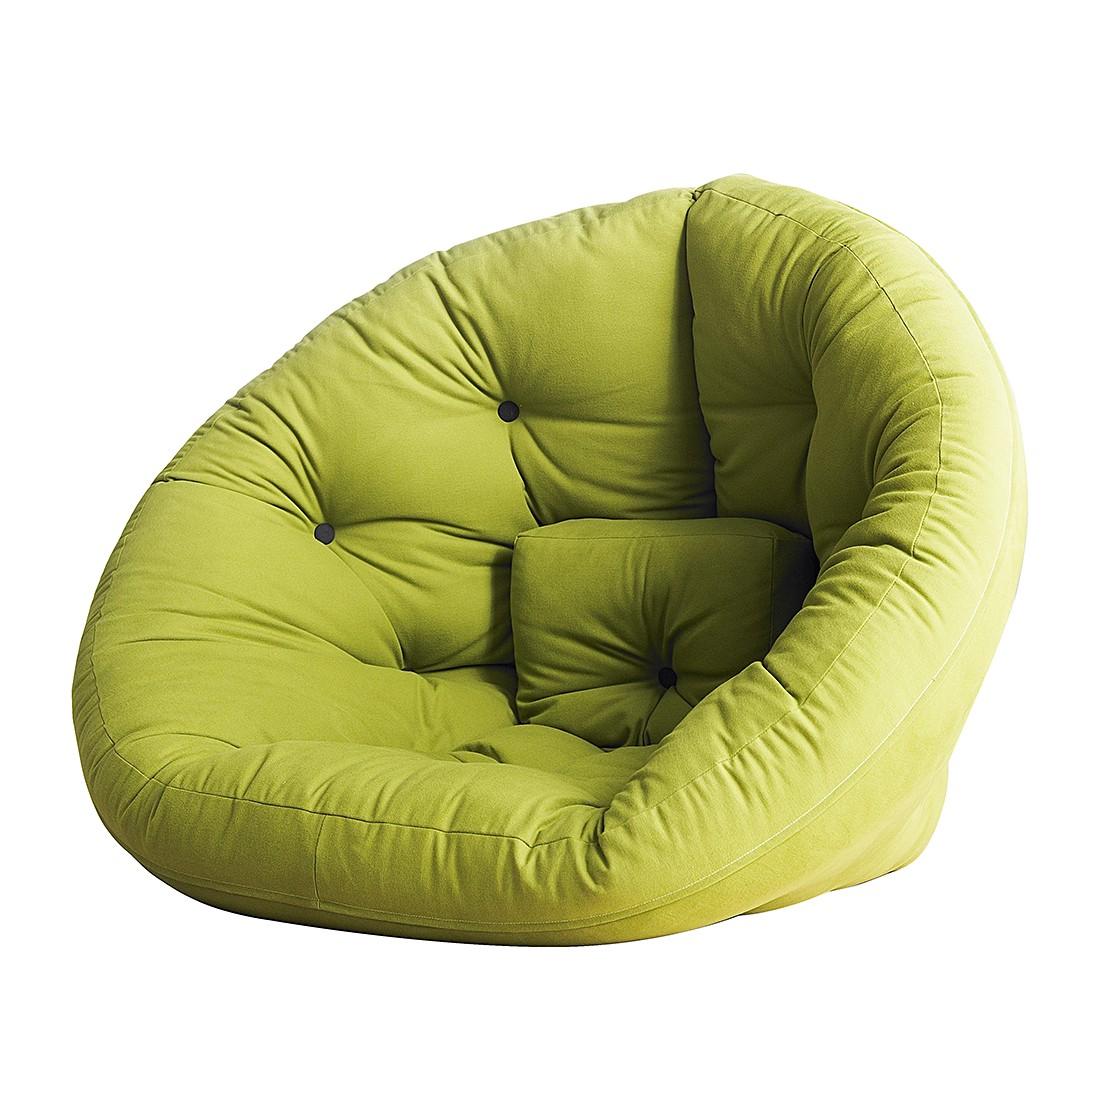 Schlafsessel Nest - Futon Hellgrün, Karup